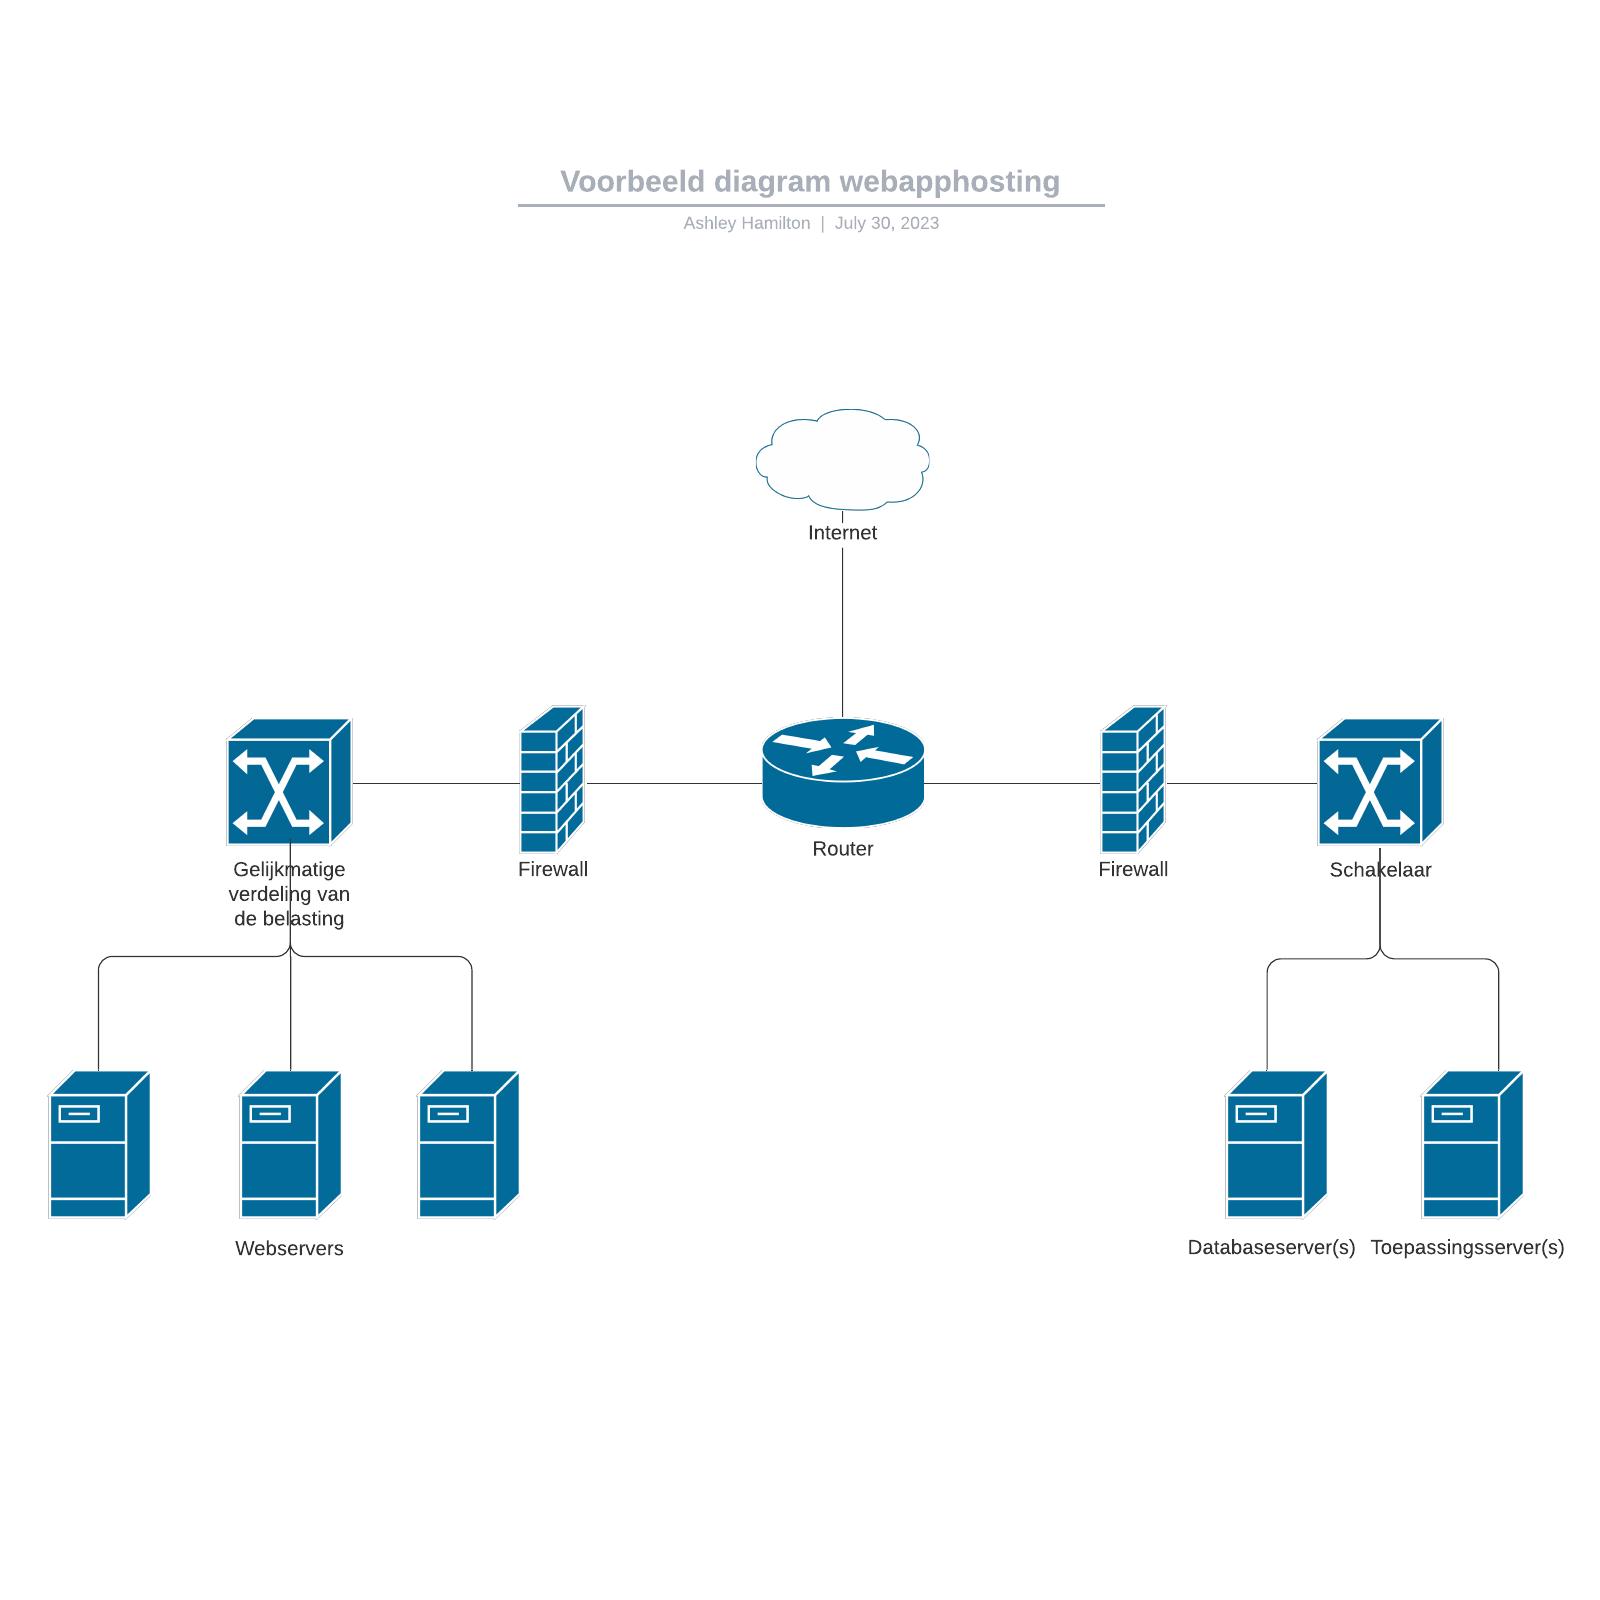 Voorbeeld diagram webapphosting